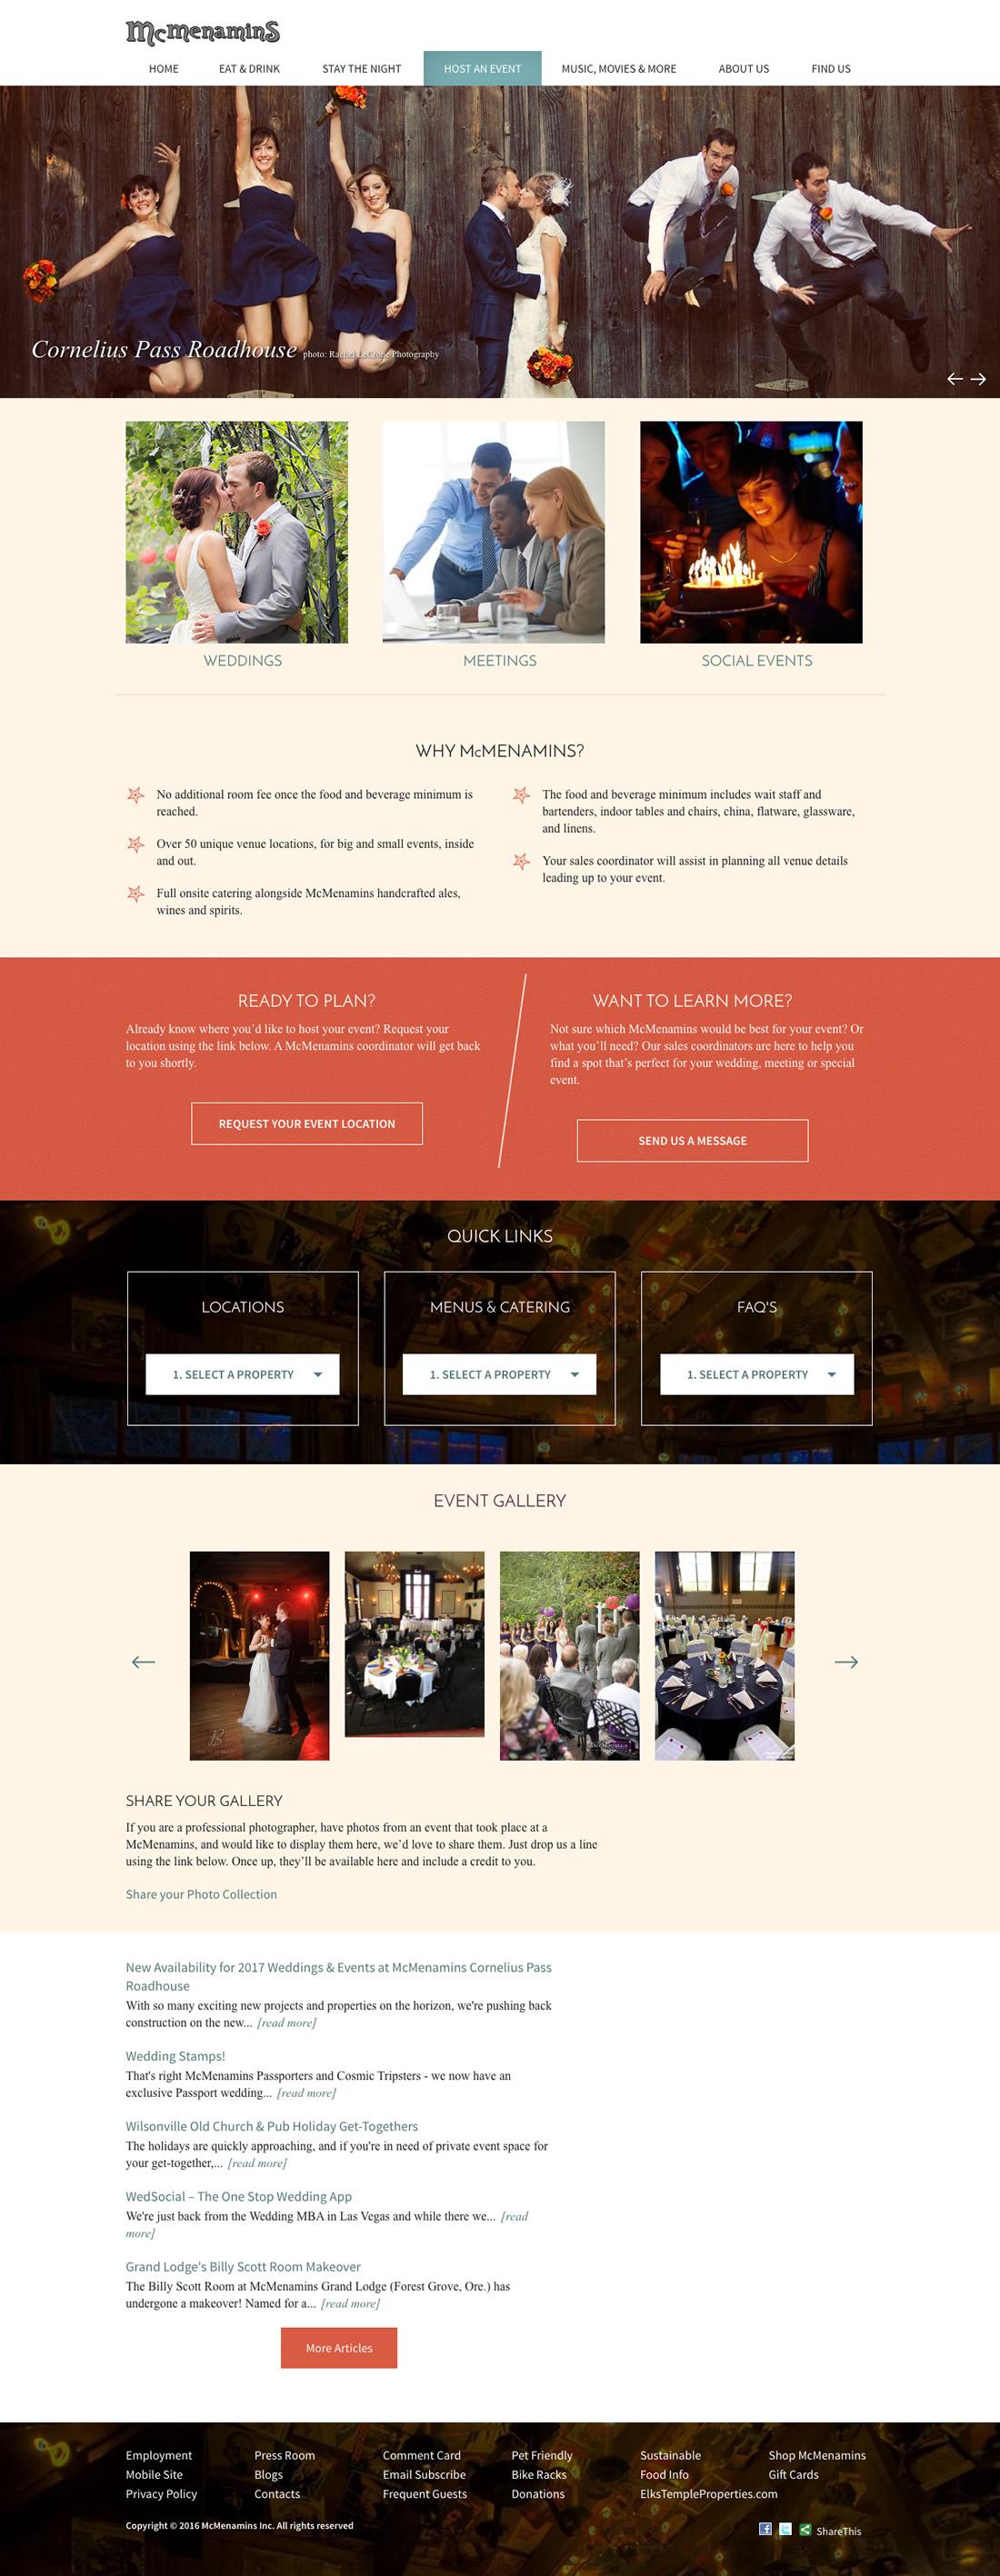 Mcmenamins homepage